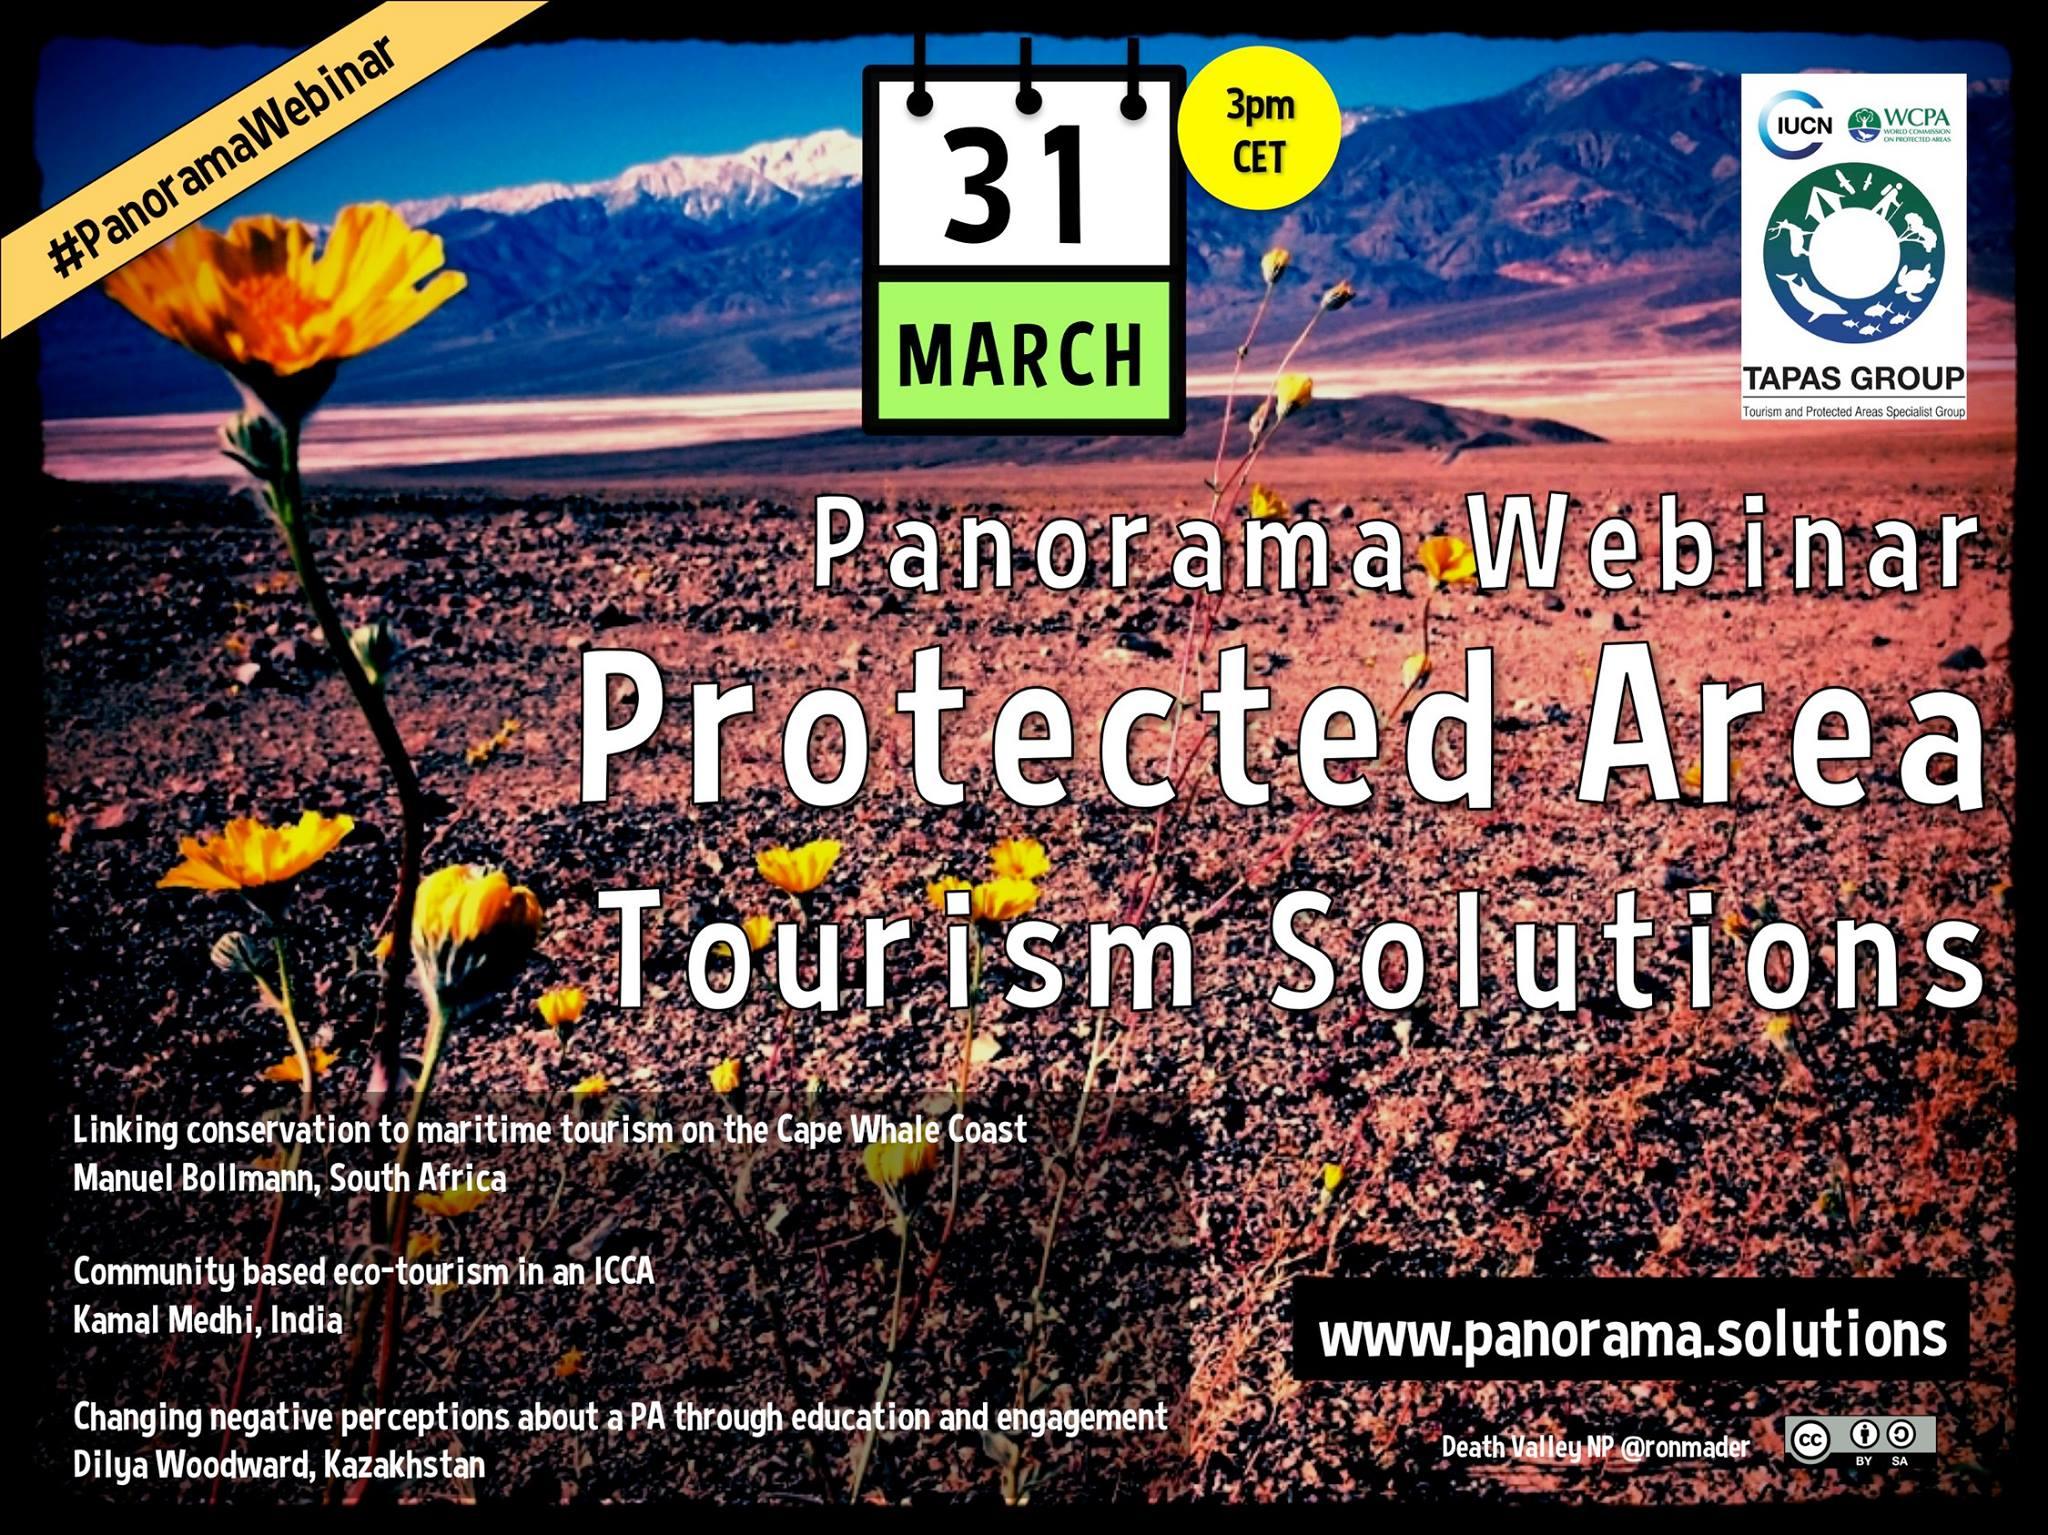 Panorama webinars